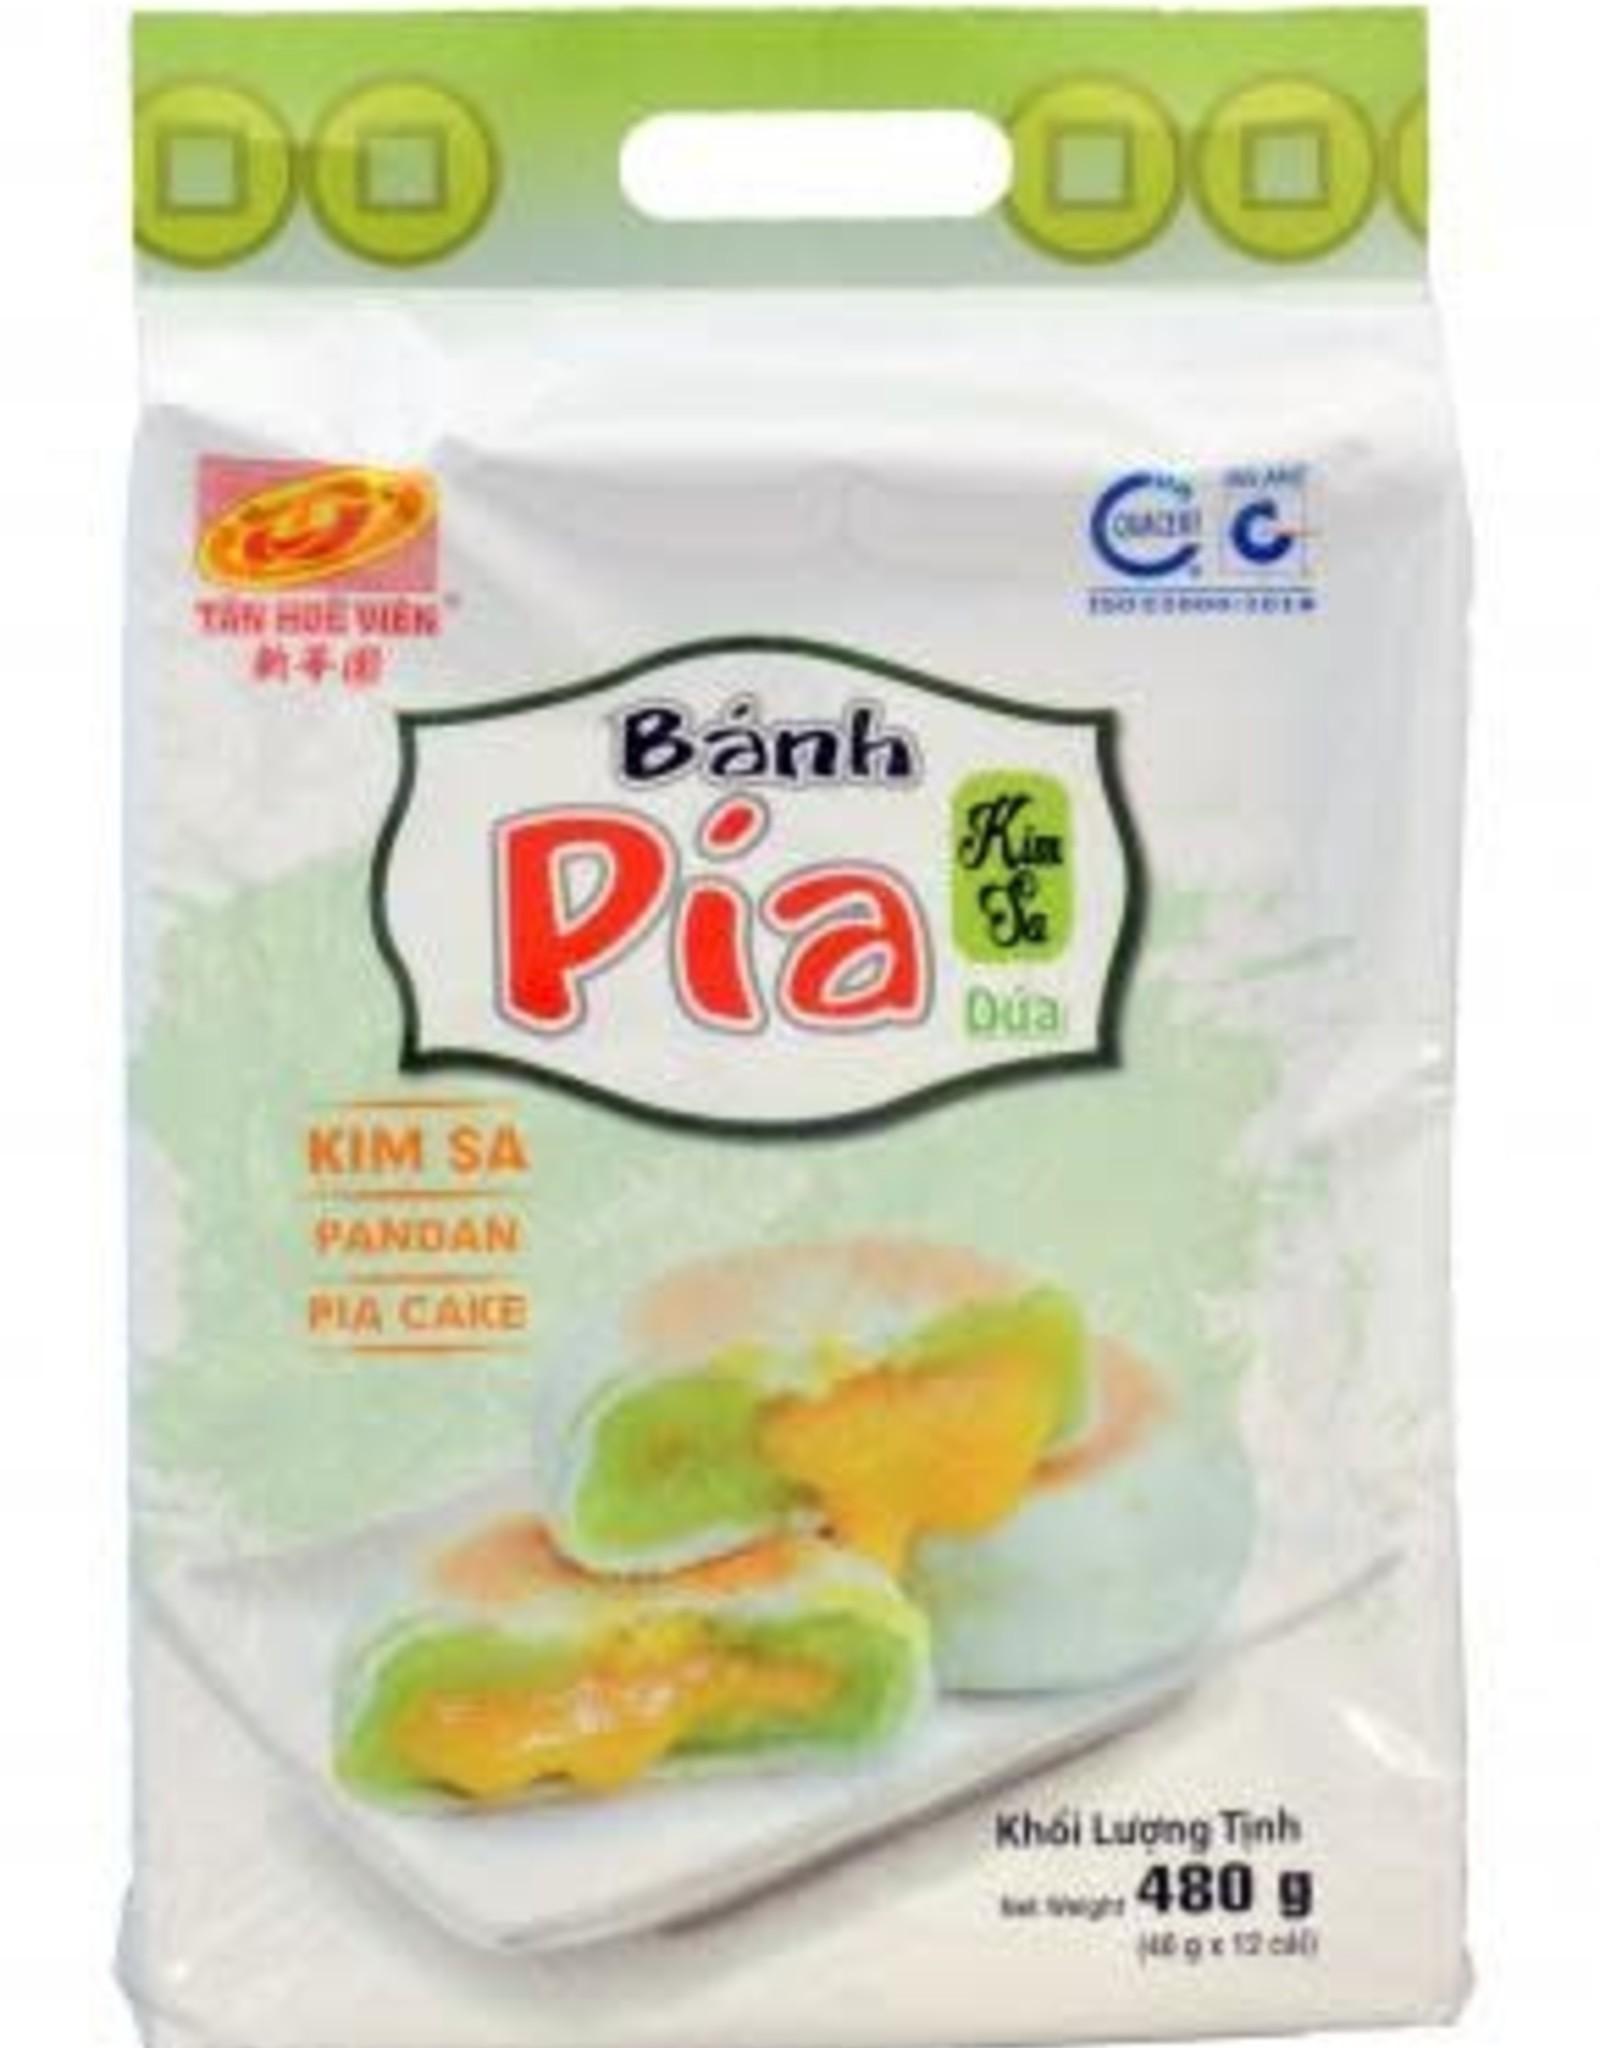 Pia Cake Liu Kim Sa Pandan Leaf 480G